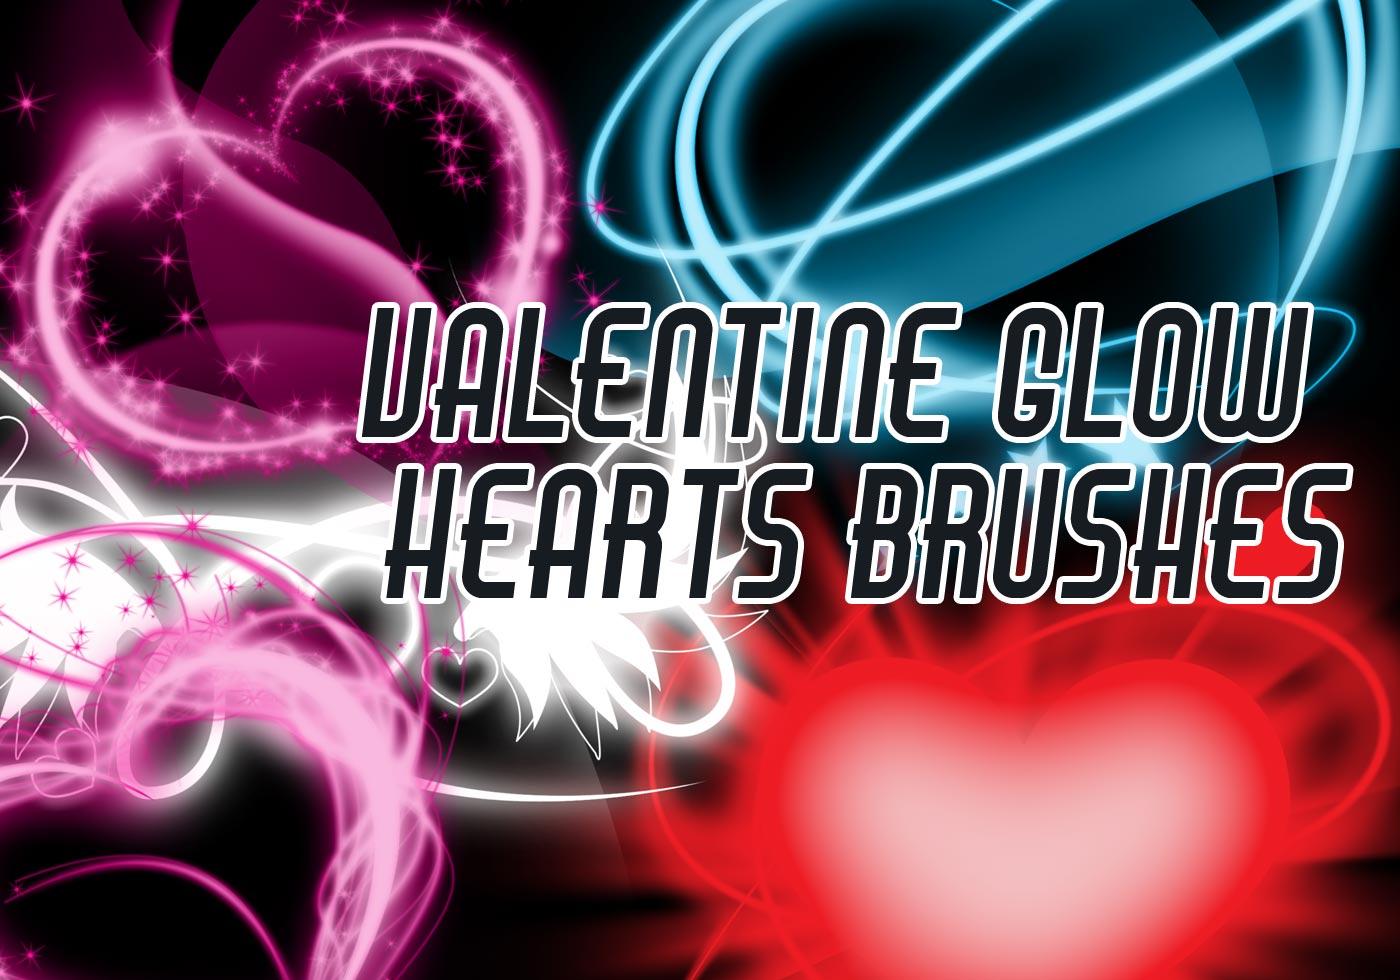 Valentine-glow-hearts-photoshop-brushes